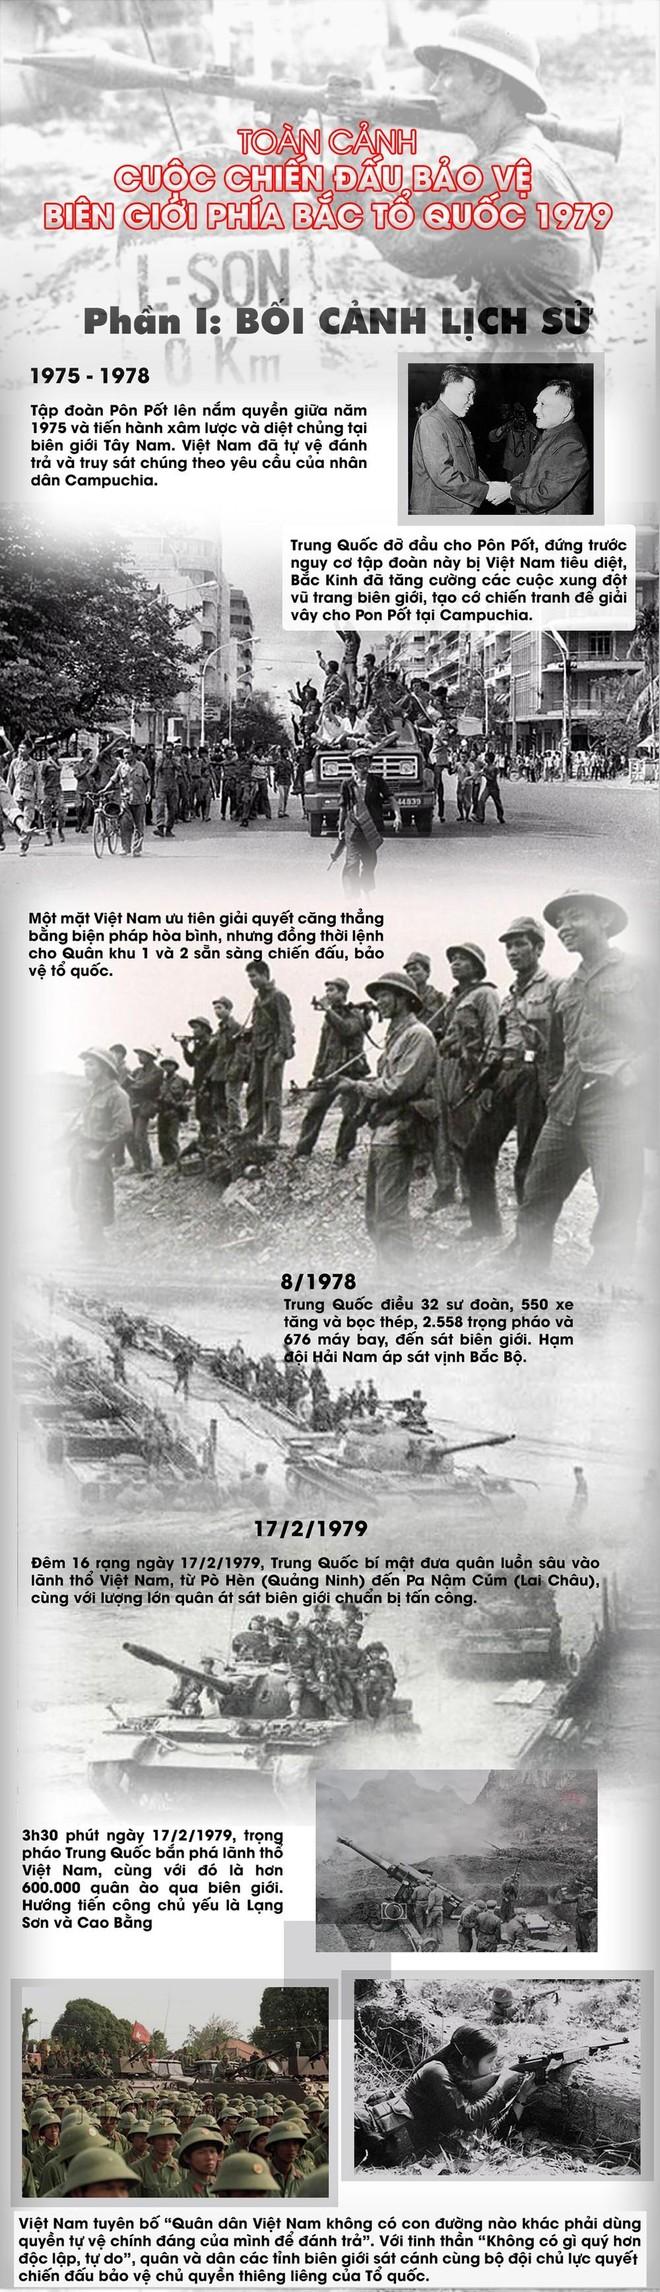 42 năm cuộc chiến đấu bảo vệ biên giới phía Bắc Tổ quốc: Dấu mốc hào hùng mãi khắc ghi ảnh 1